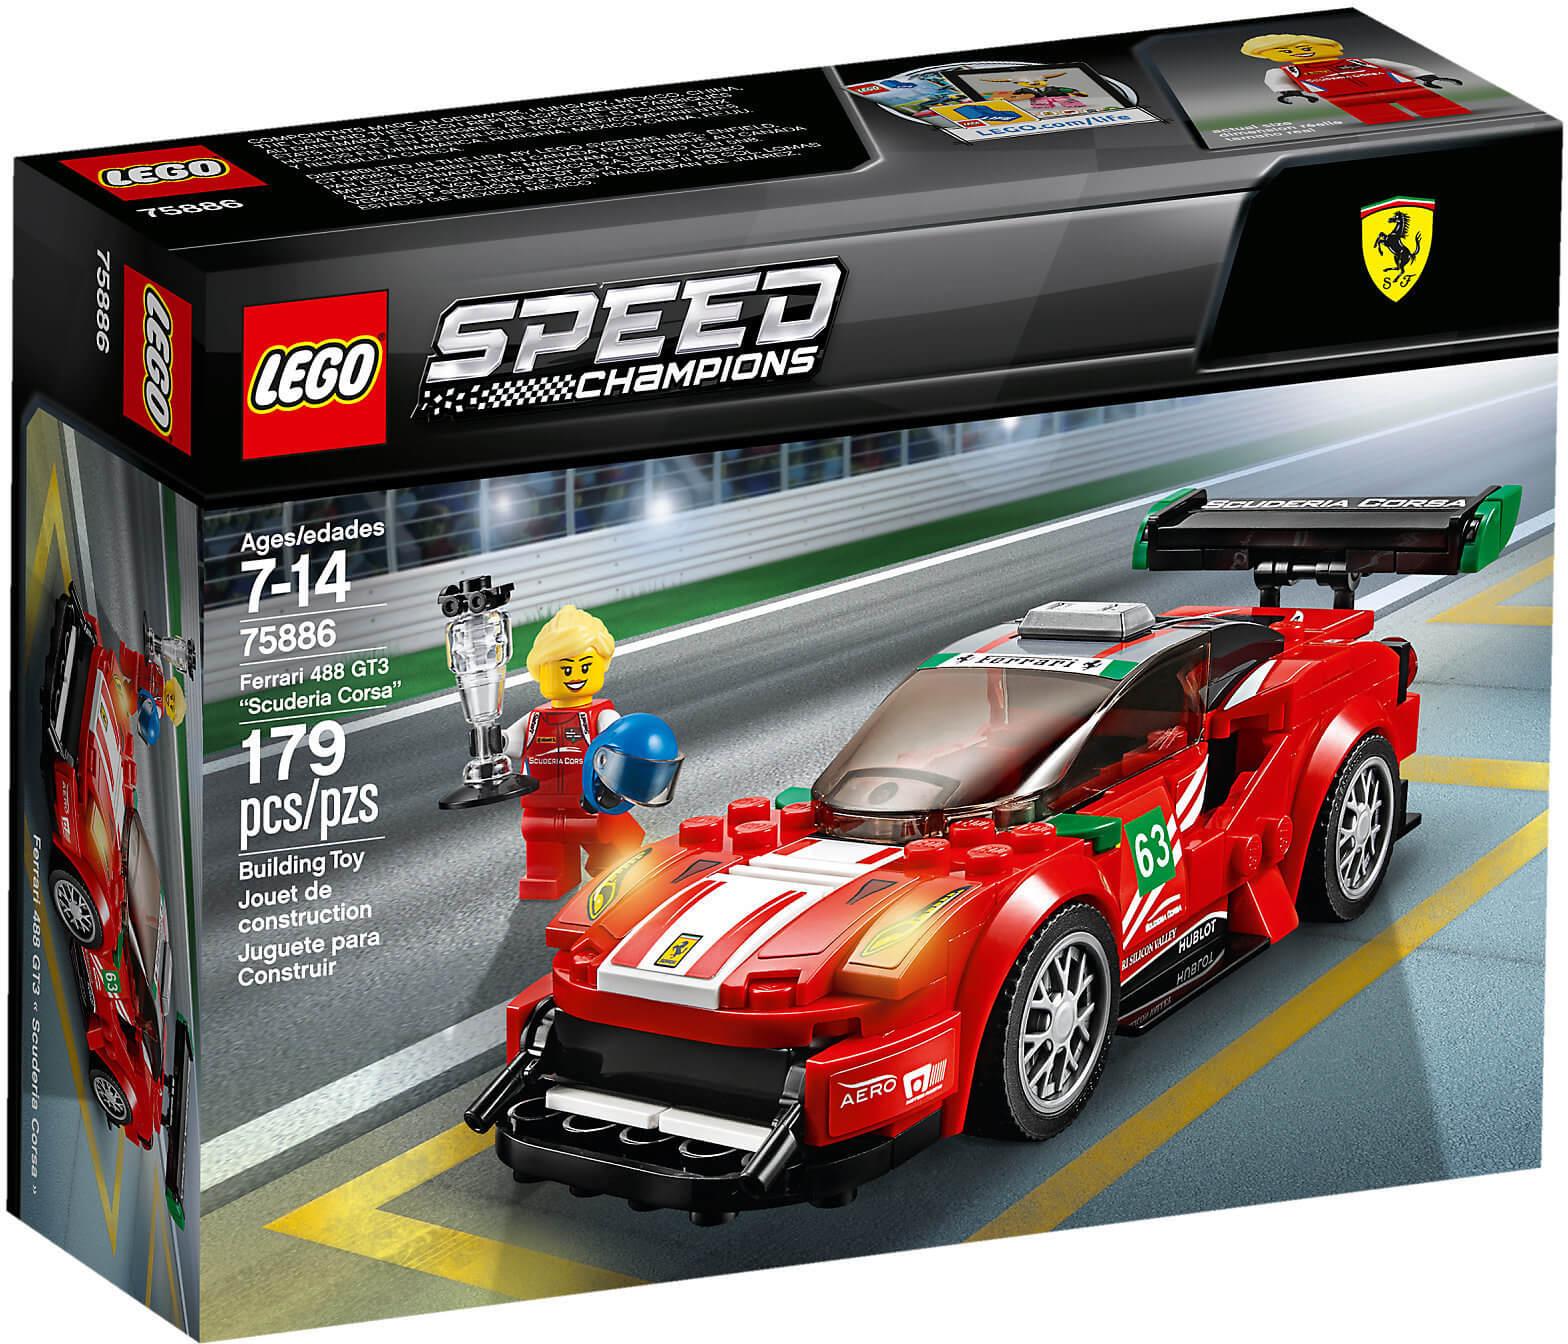 """Mua đồ chơi LEGO 75886 - LEGO Speed Champion 75886 - Siêu Xe Ferrari 488 GT3 """"Scuderia Corsa"""" (LEGO Speed Champion 75886 Ferrari 488 GT3 """"Scuderia Corsa"""")"""